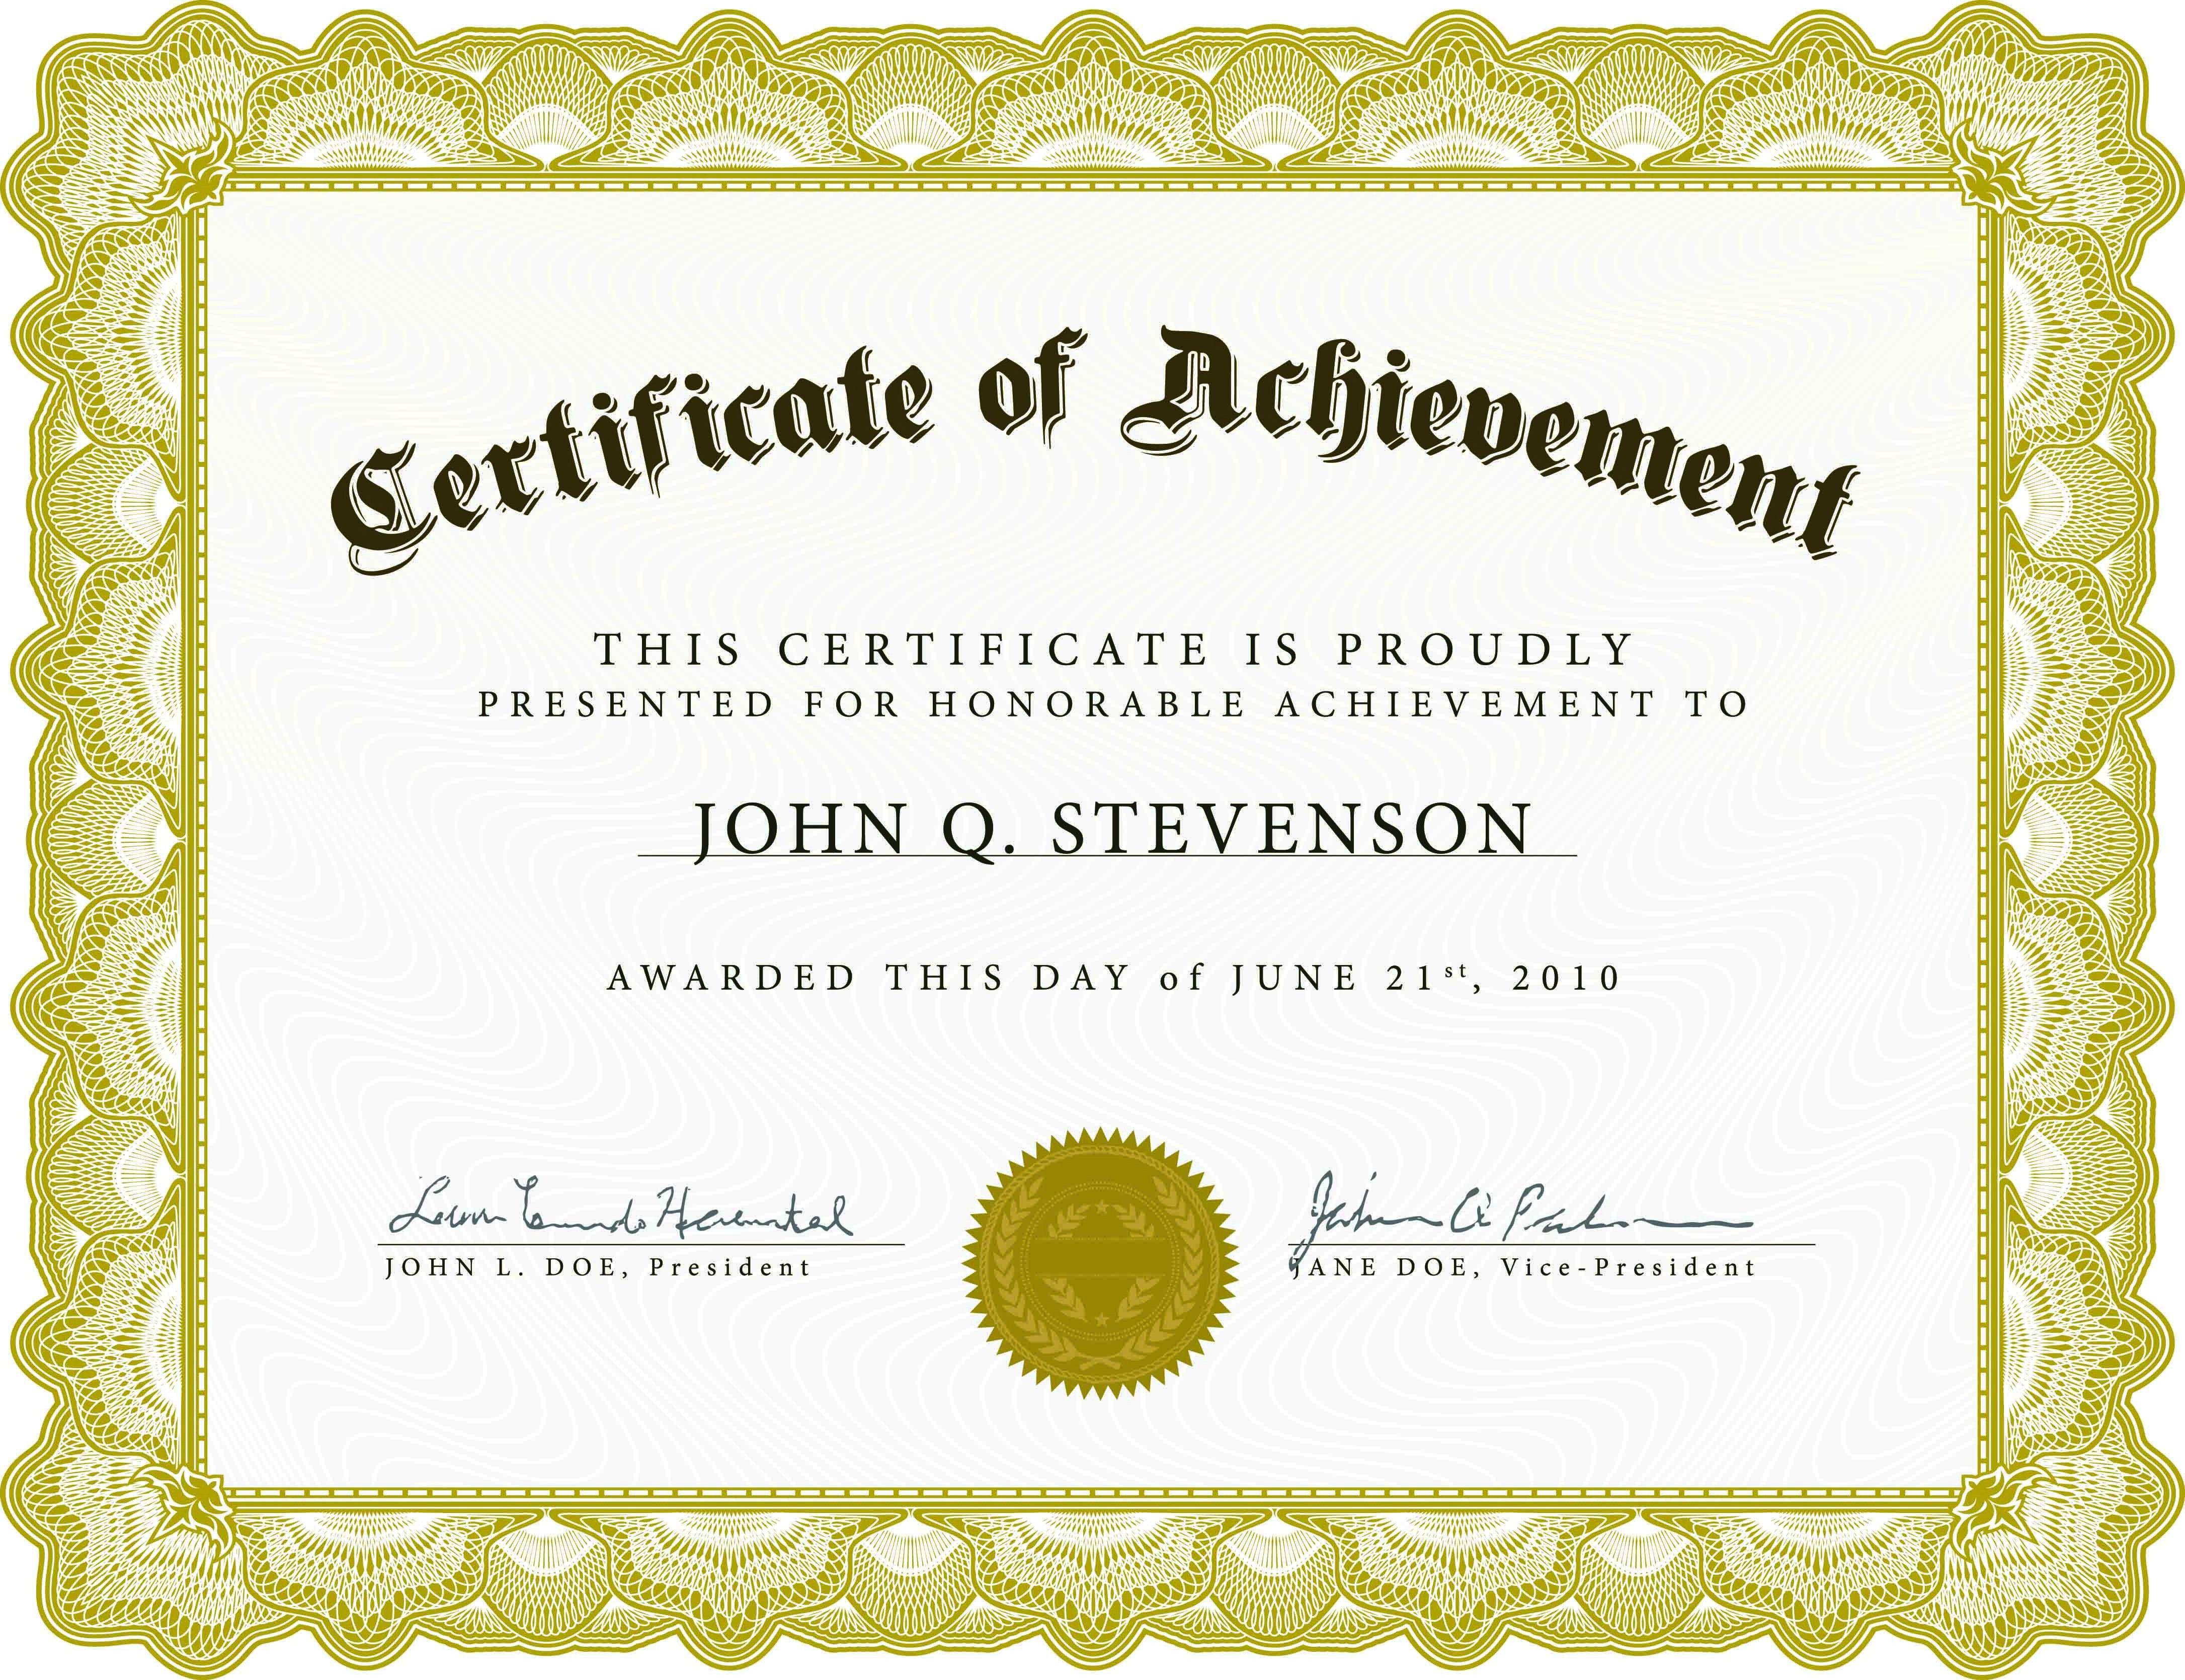 Award Certificate Sample Certificate Award Sample Ecza Solinf Co Graduation Certificate Template Free Certificate Templates Awards Certificates Template Sample of certificate of achievement